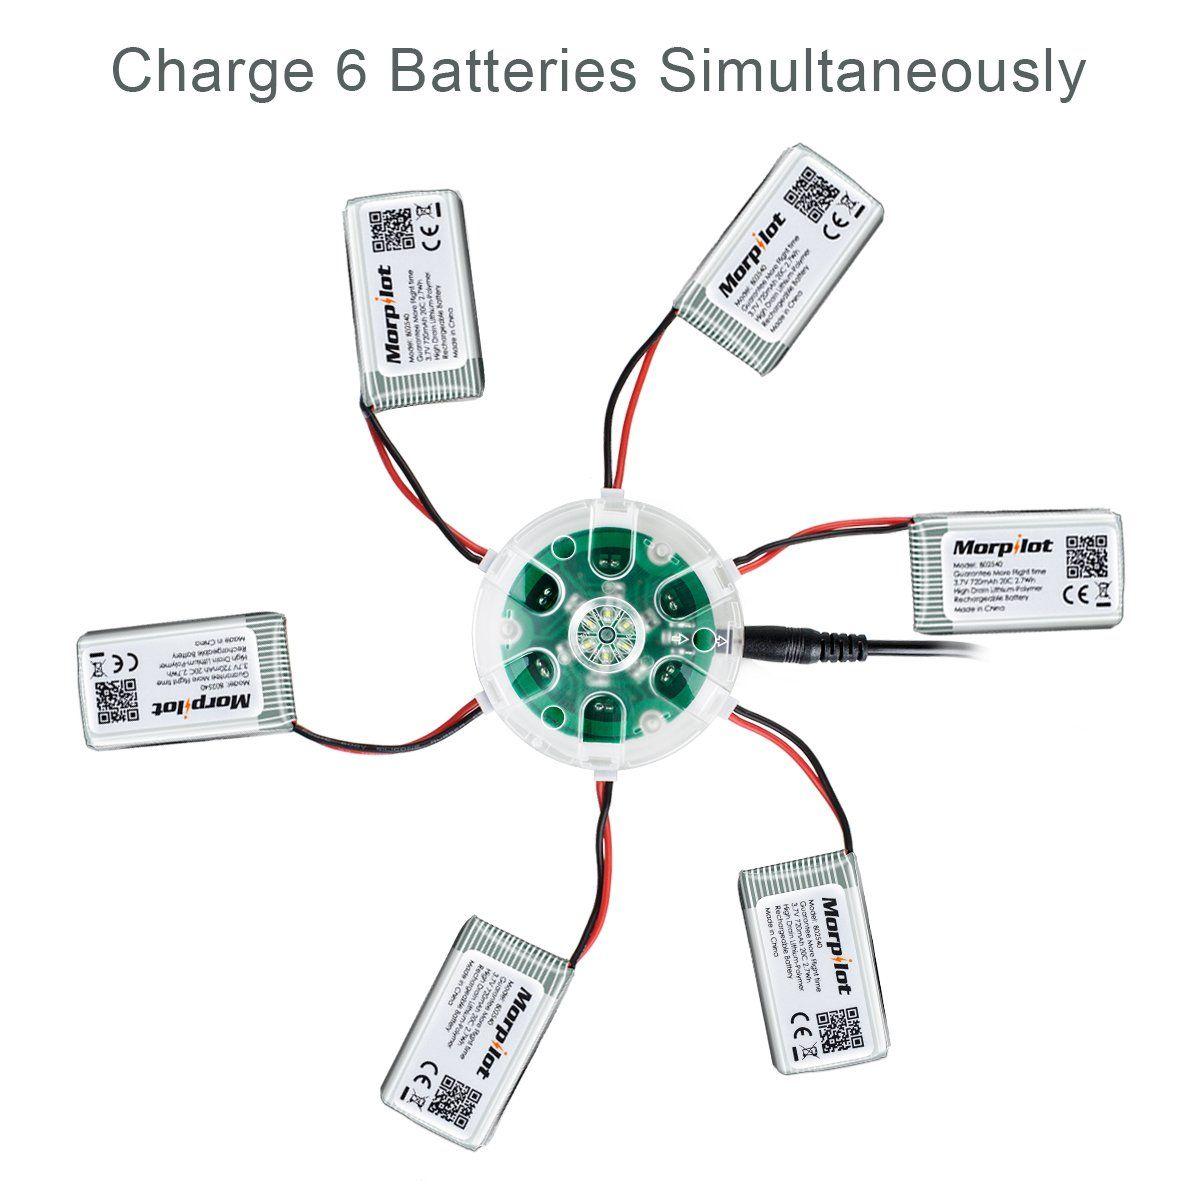 Upgraded Morpilot 6 Pcs 3 7v 720mah 20c Lipo Battery